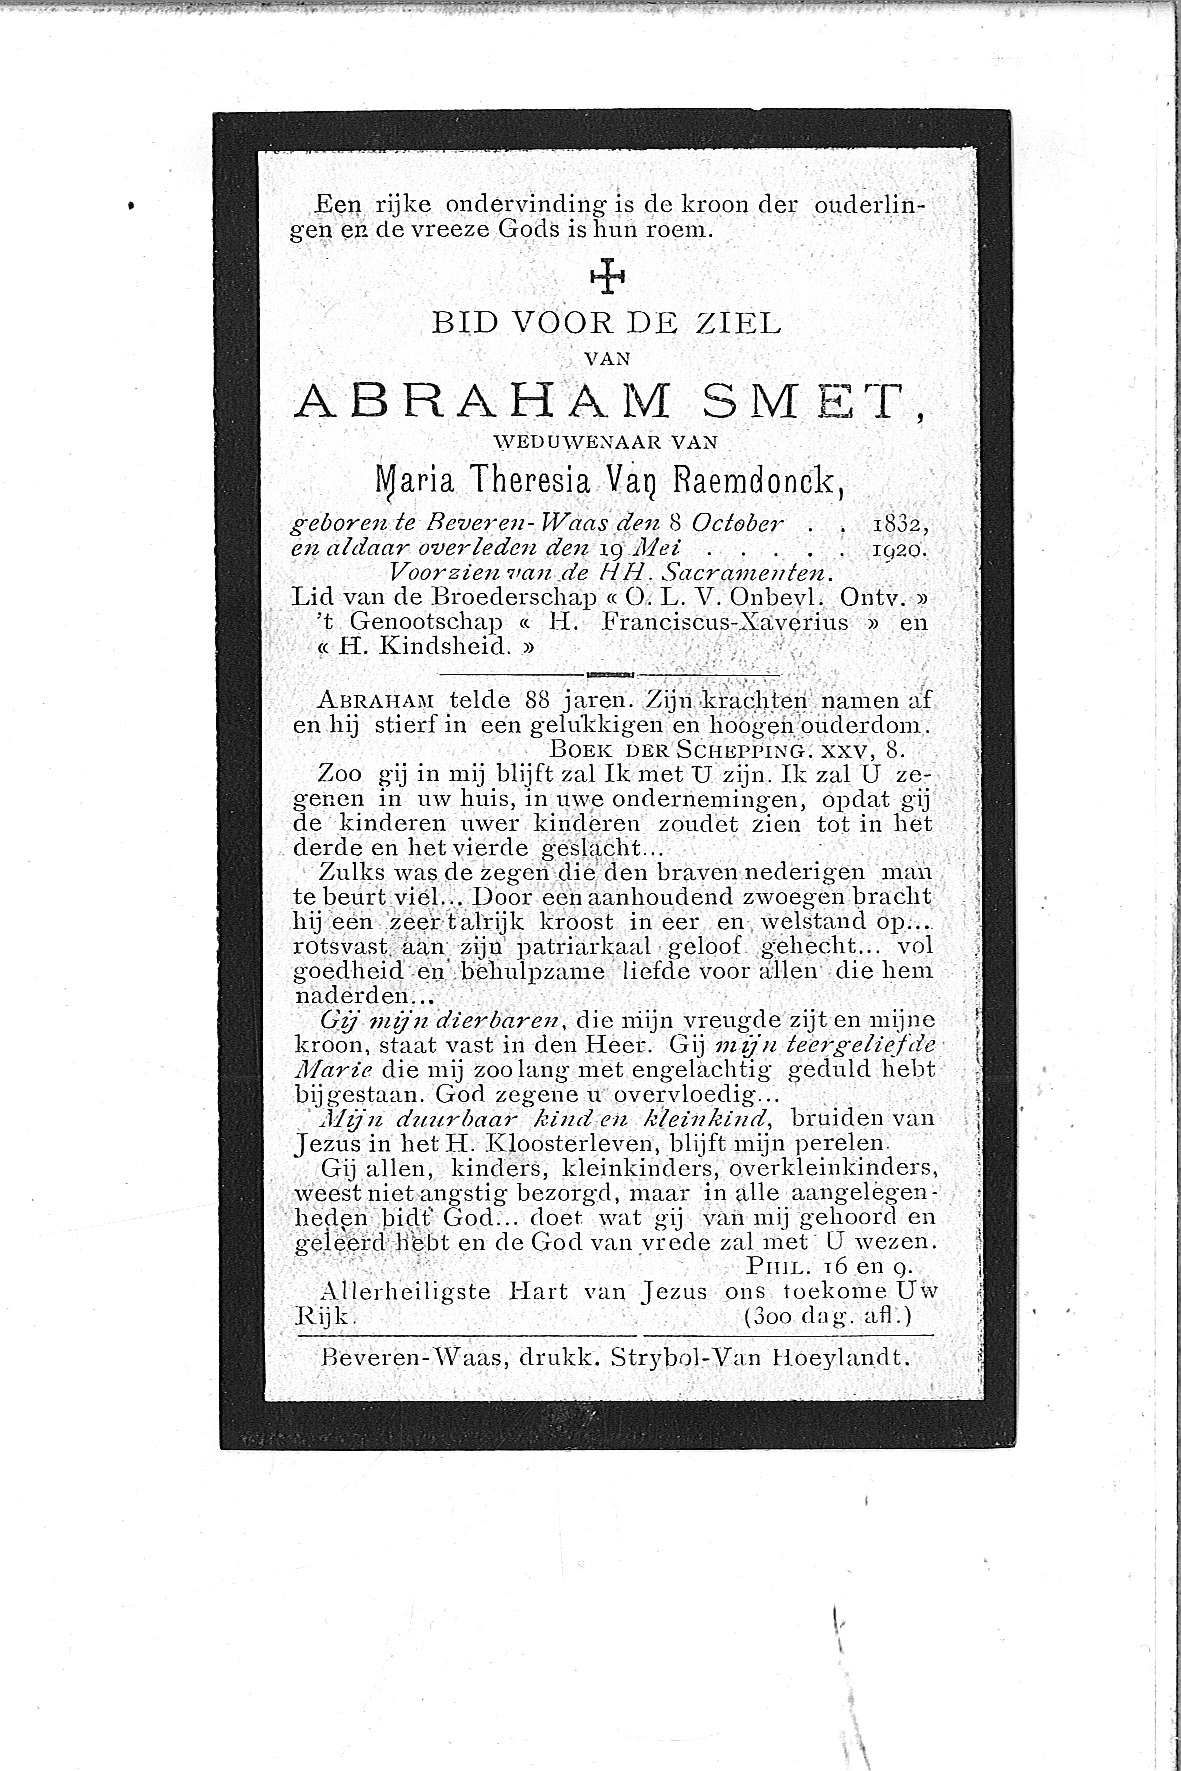 Abraham(1920)20140404075950_00001.jpg